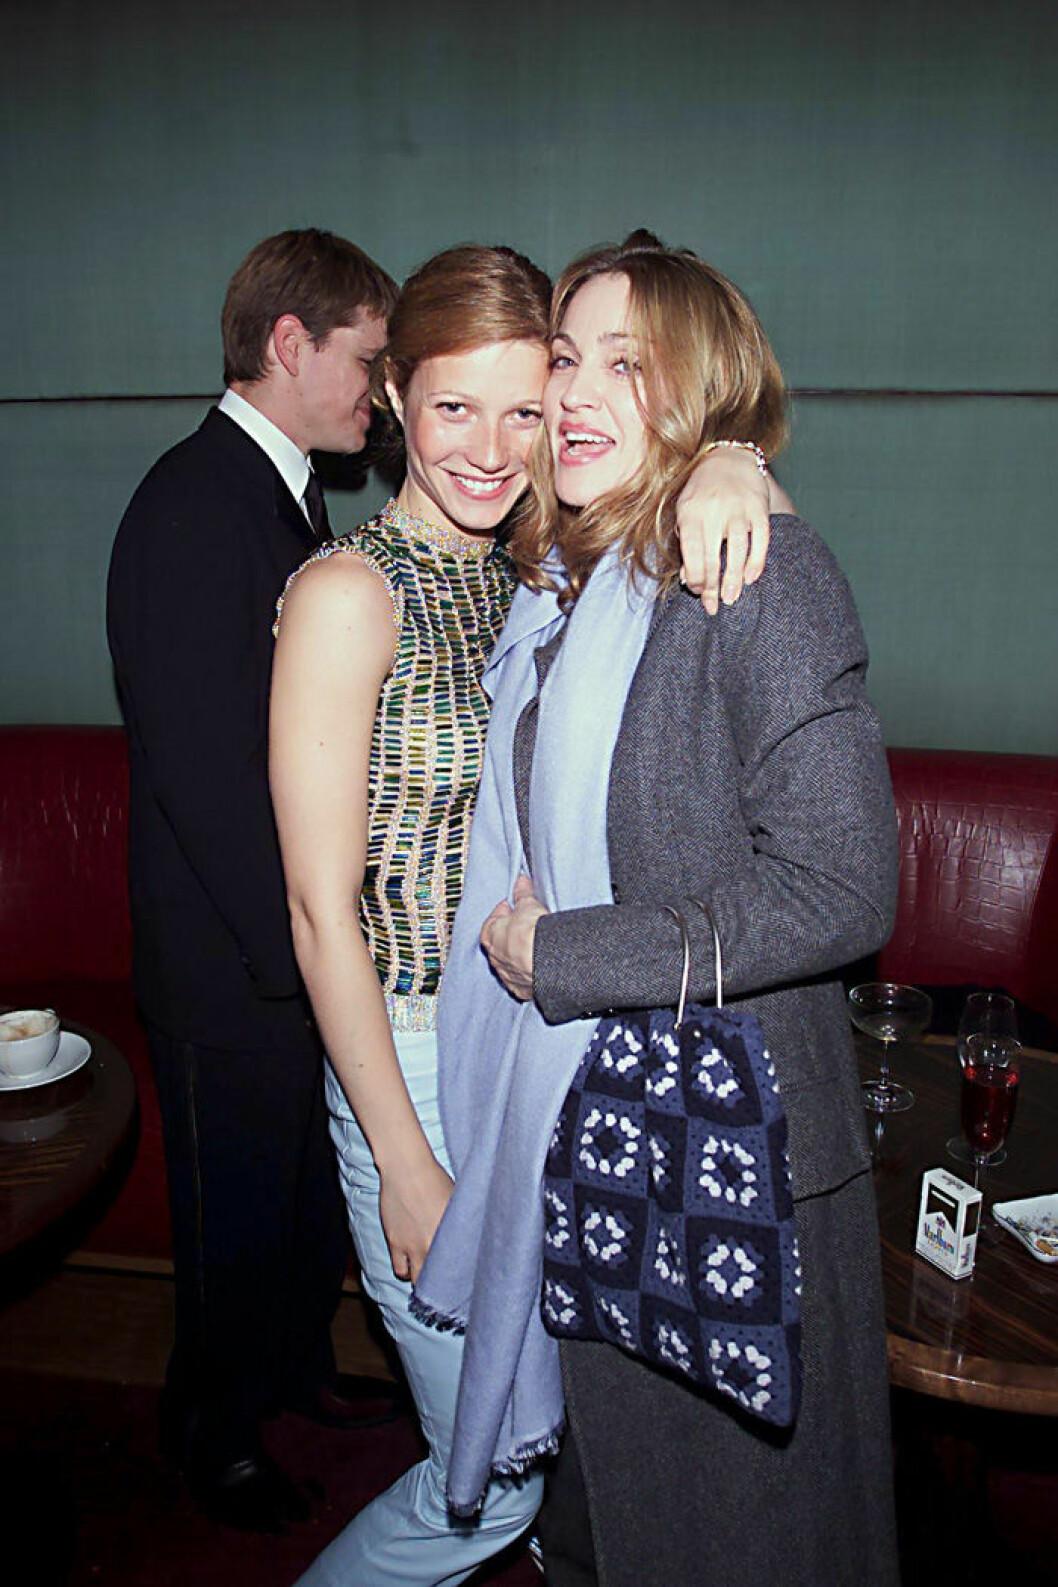 En bild på Gwyneth Paltrow och Madonna på filmpremiären av The Talented Mr Ripley, 2000.